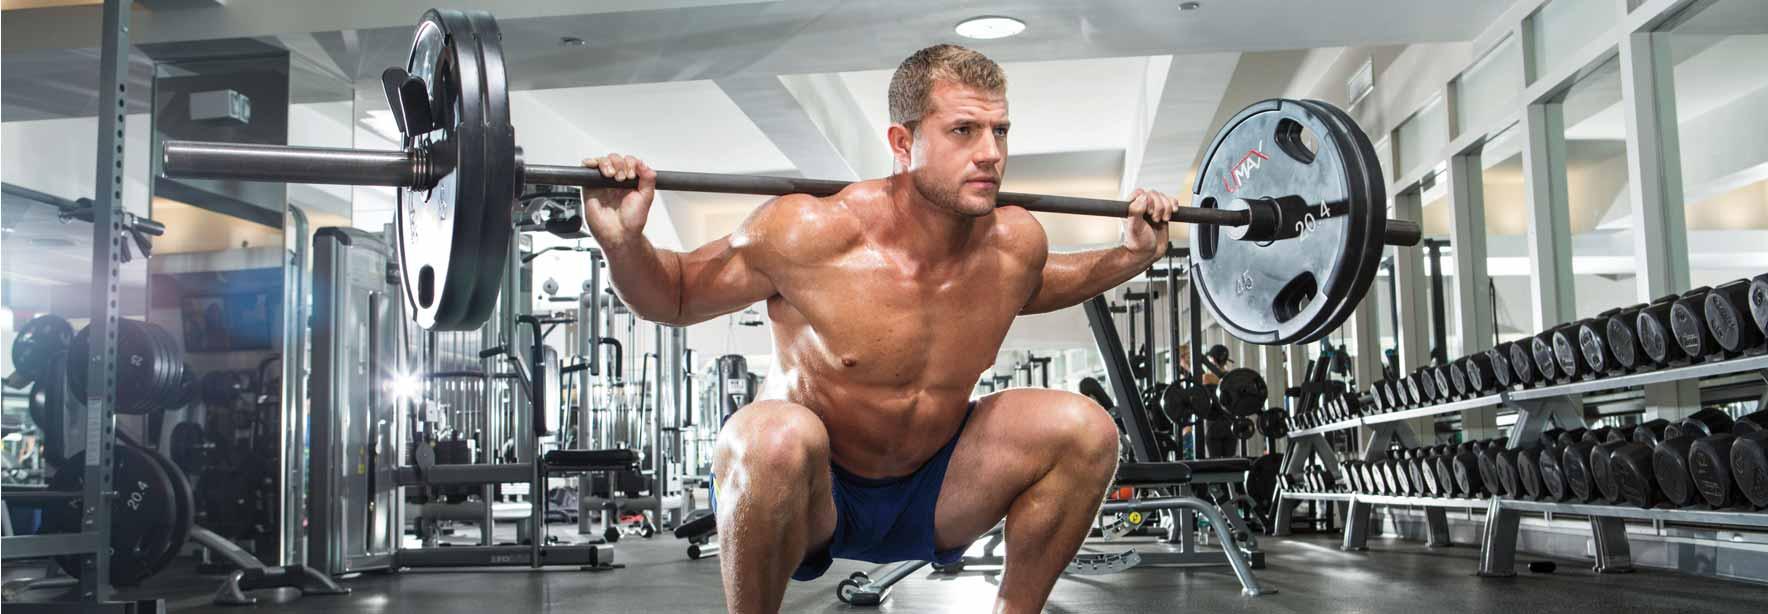 Bb muscle men scene 6